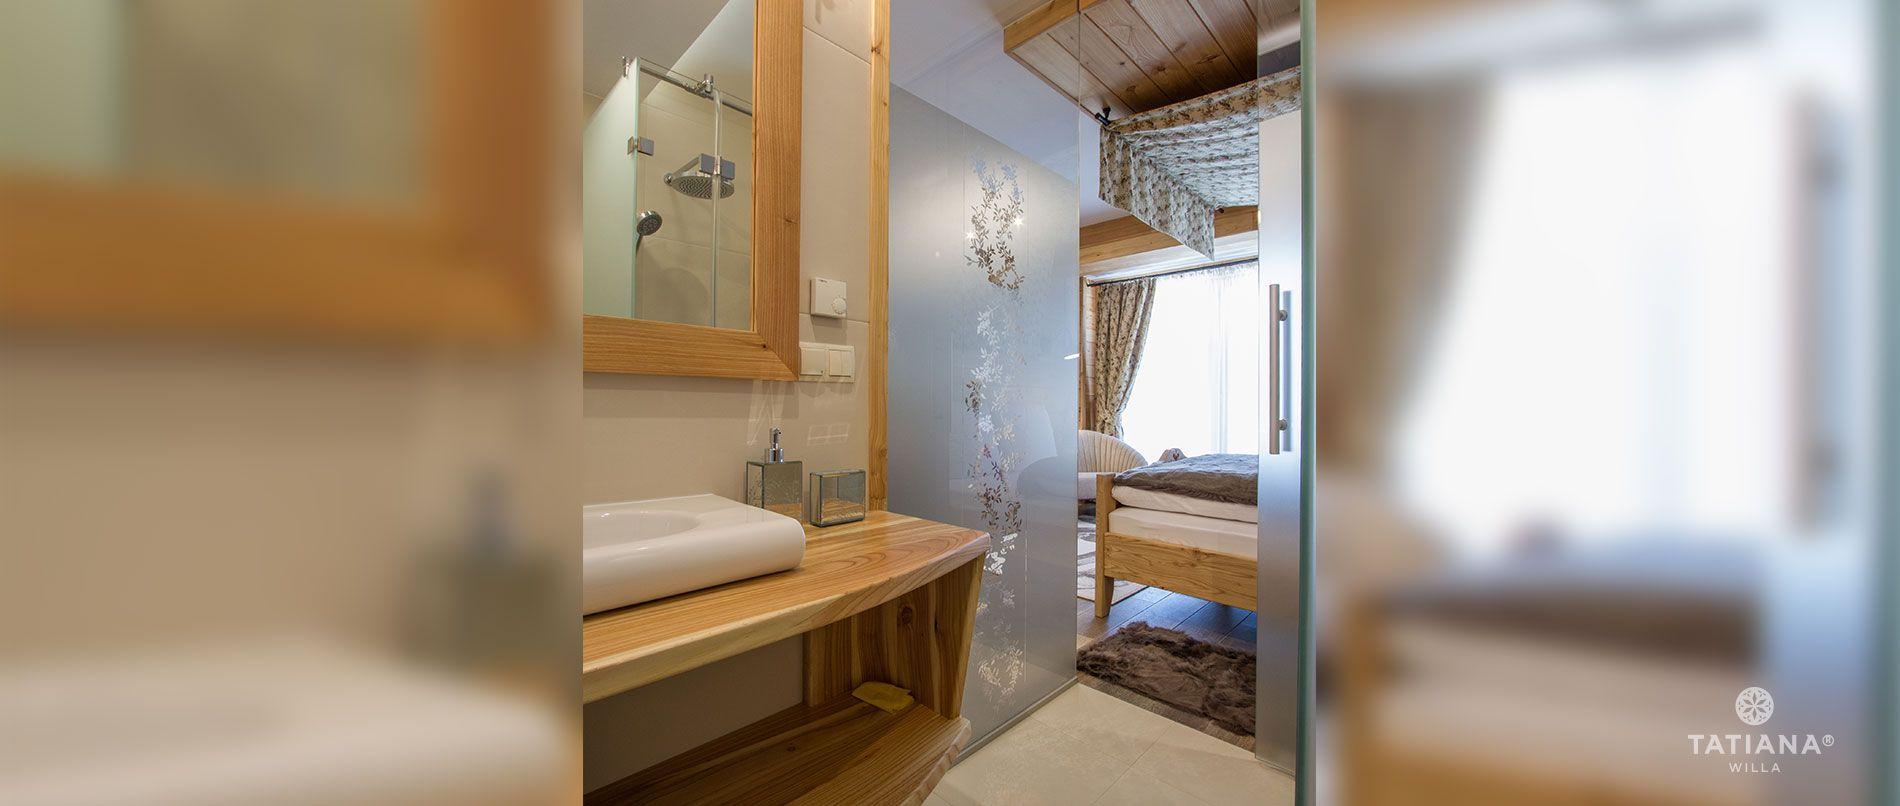 Apartament Modrzewiowy - łazienka